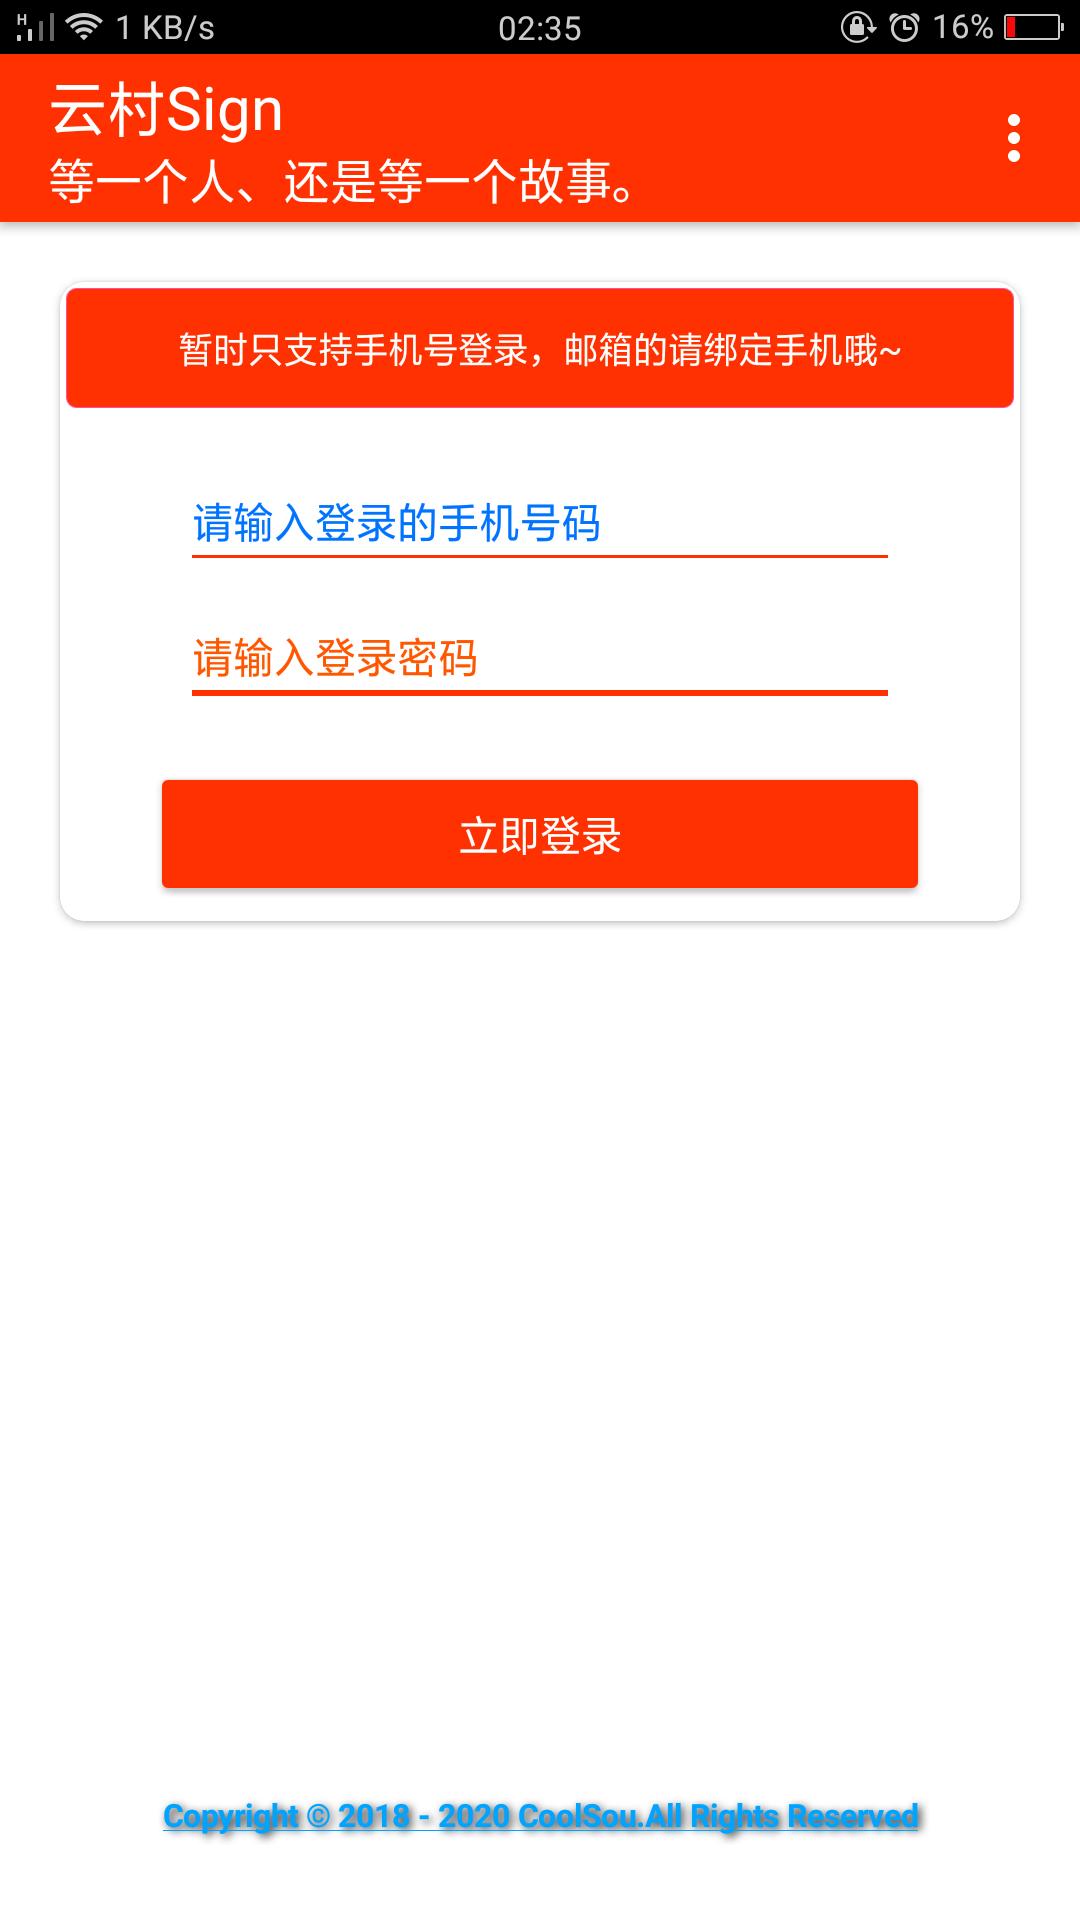 【分享】云村 Sign